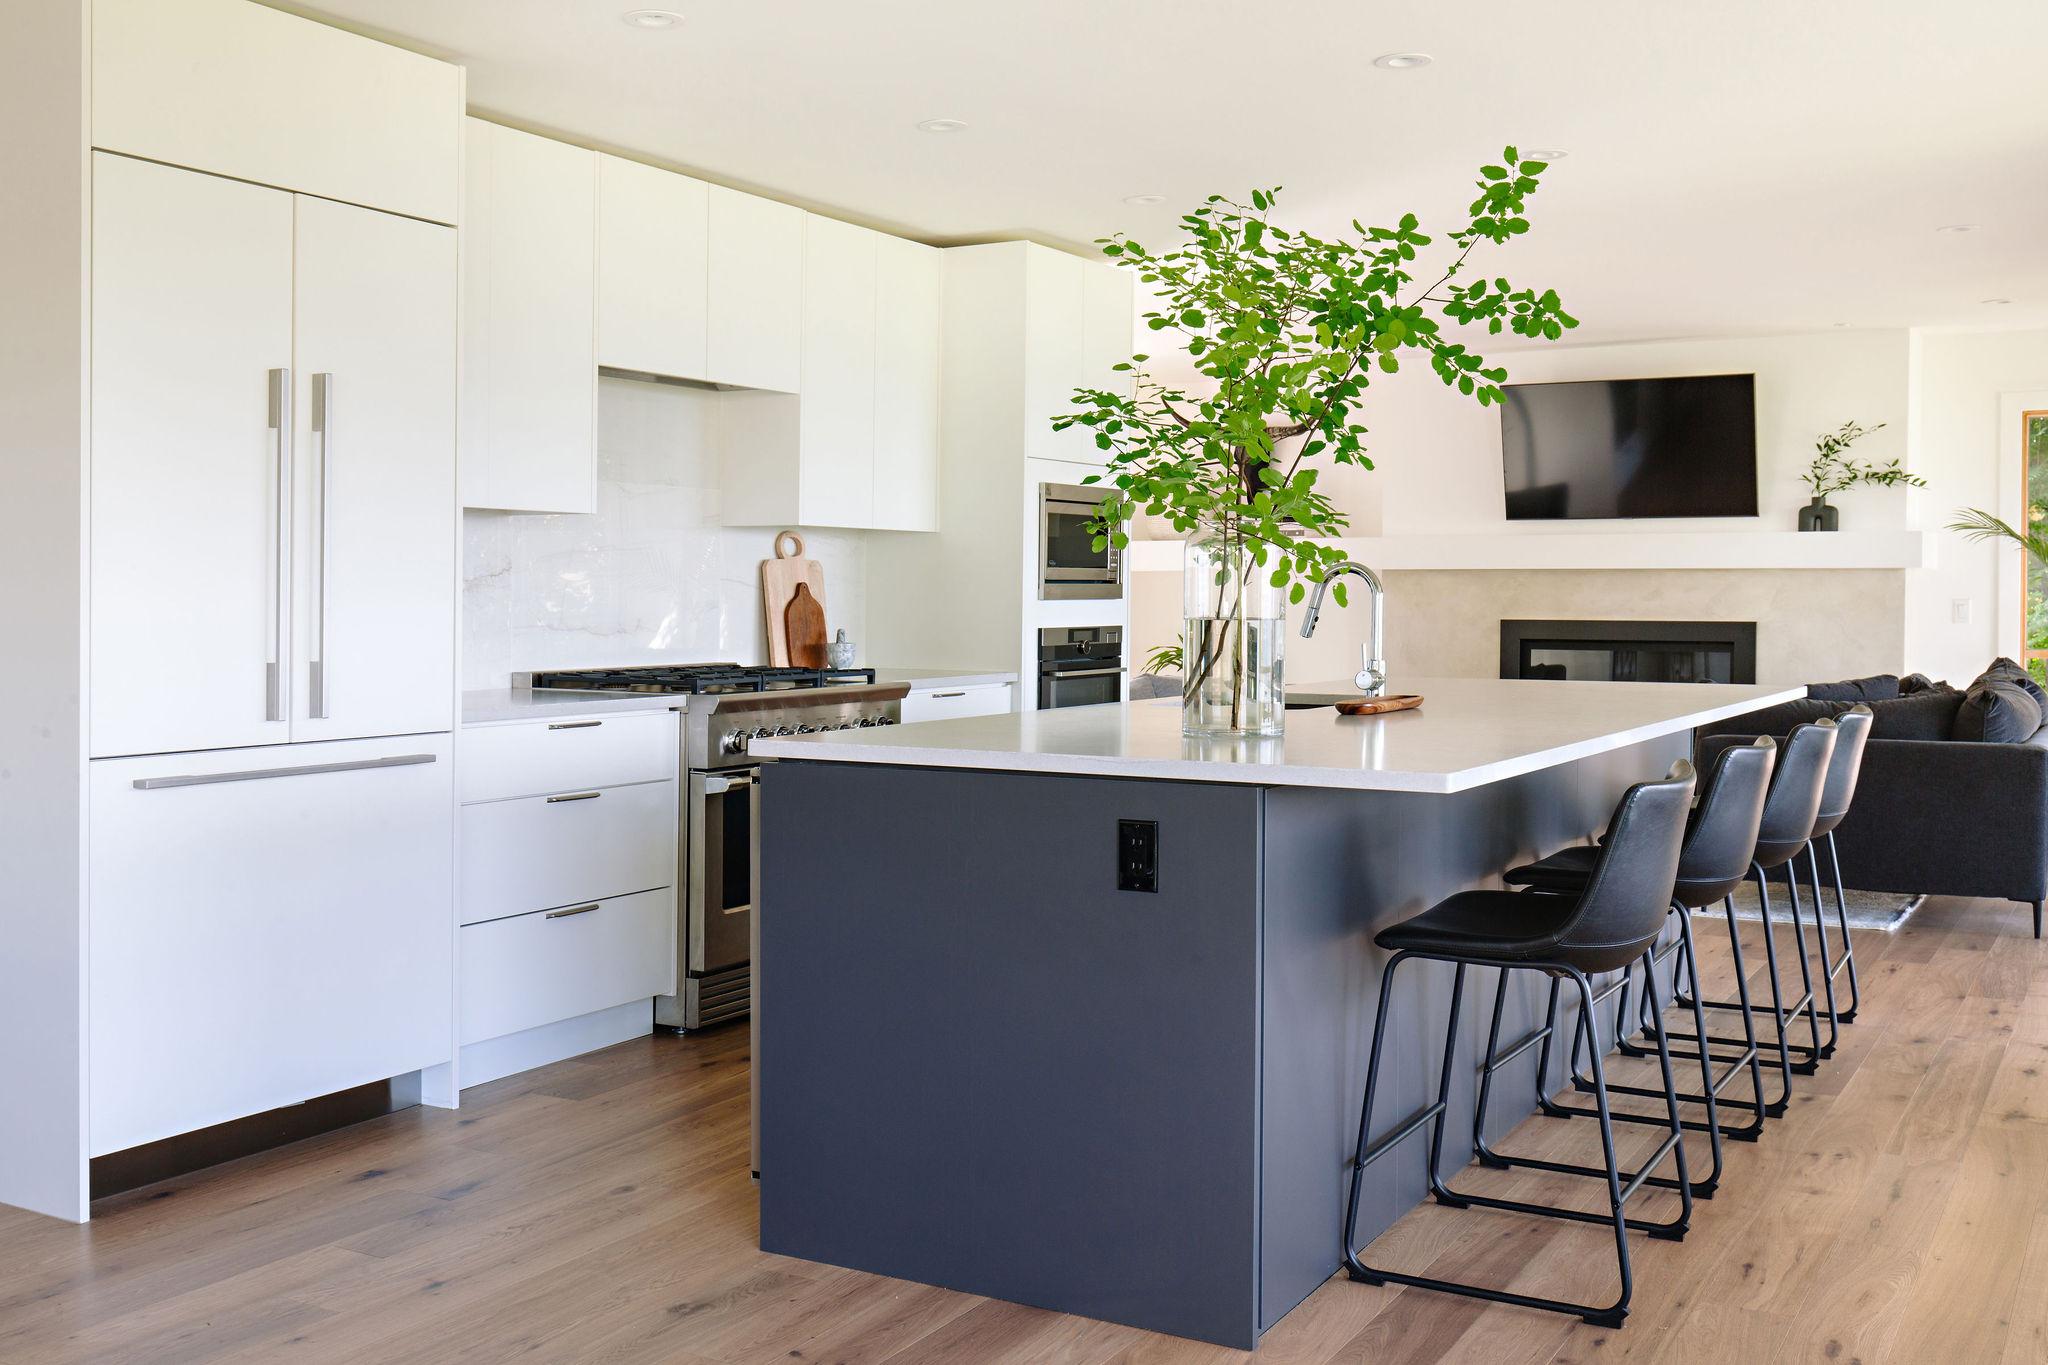 Custom Homes & Home Renovations by Kapiti Built and owner Regan Edser